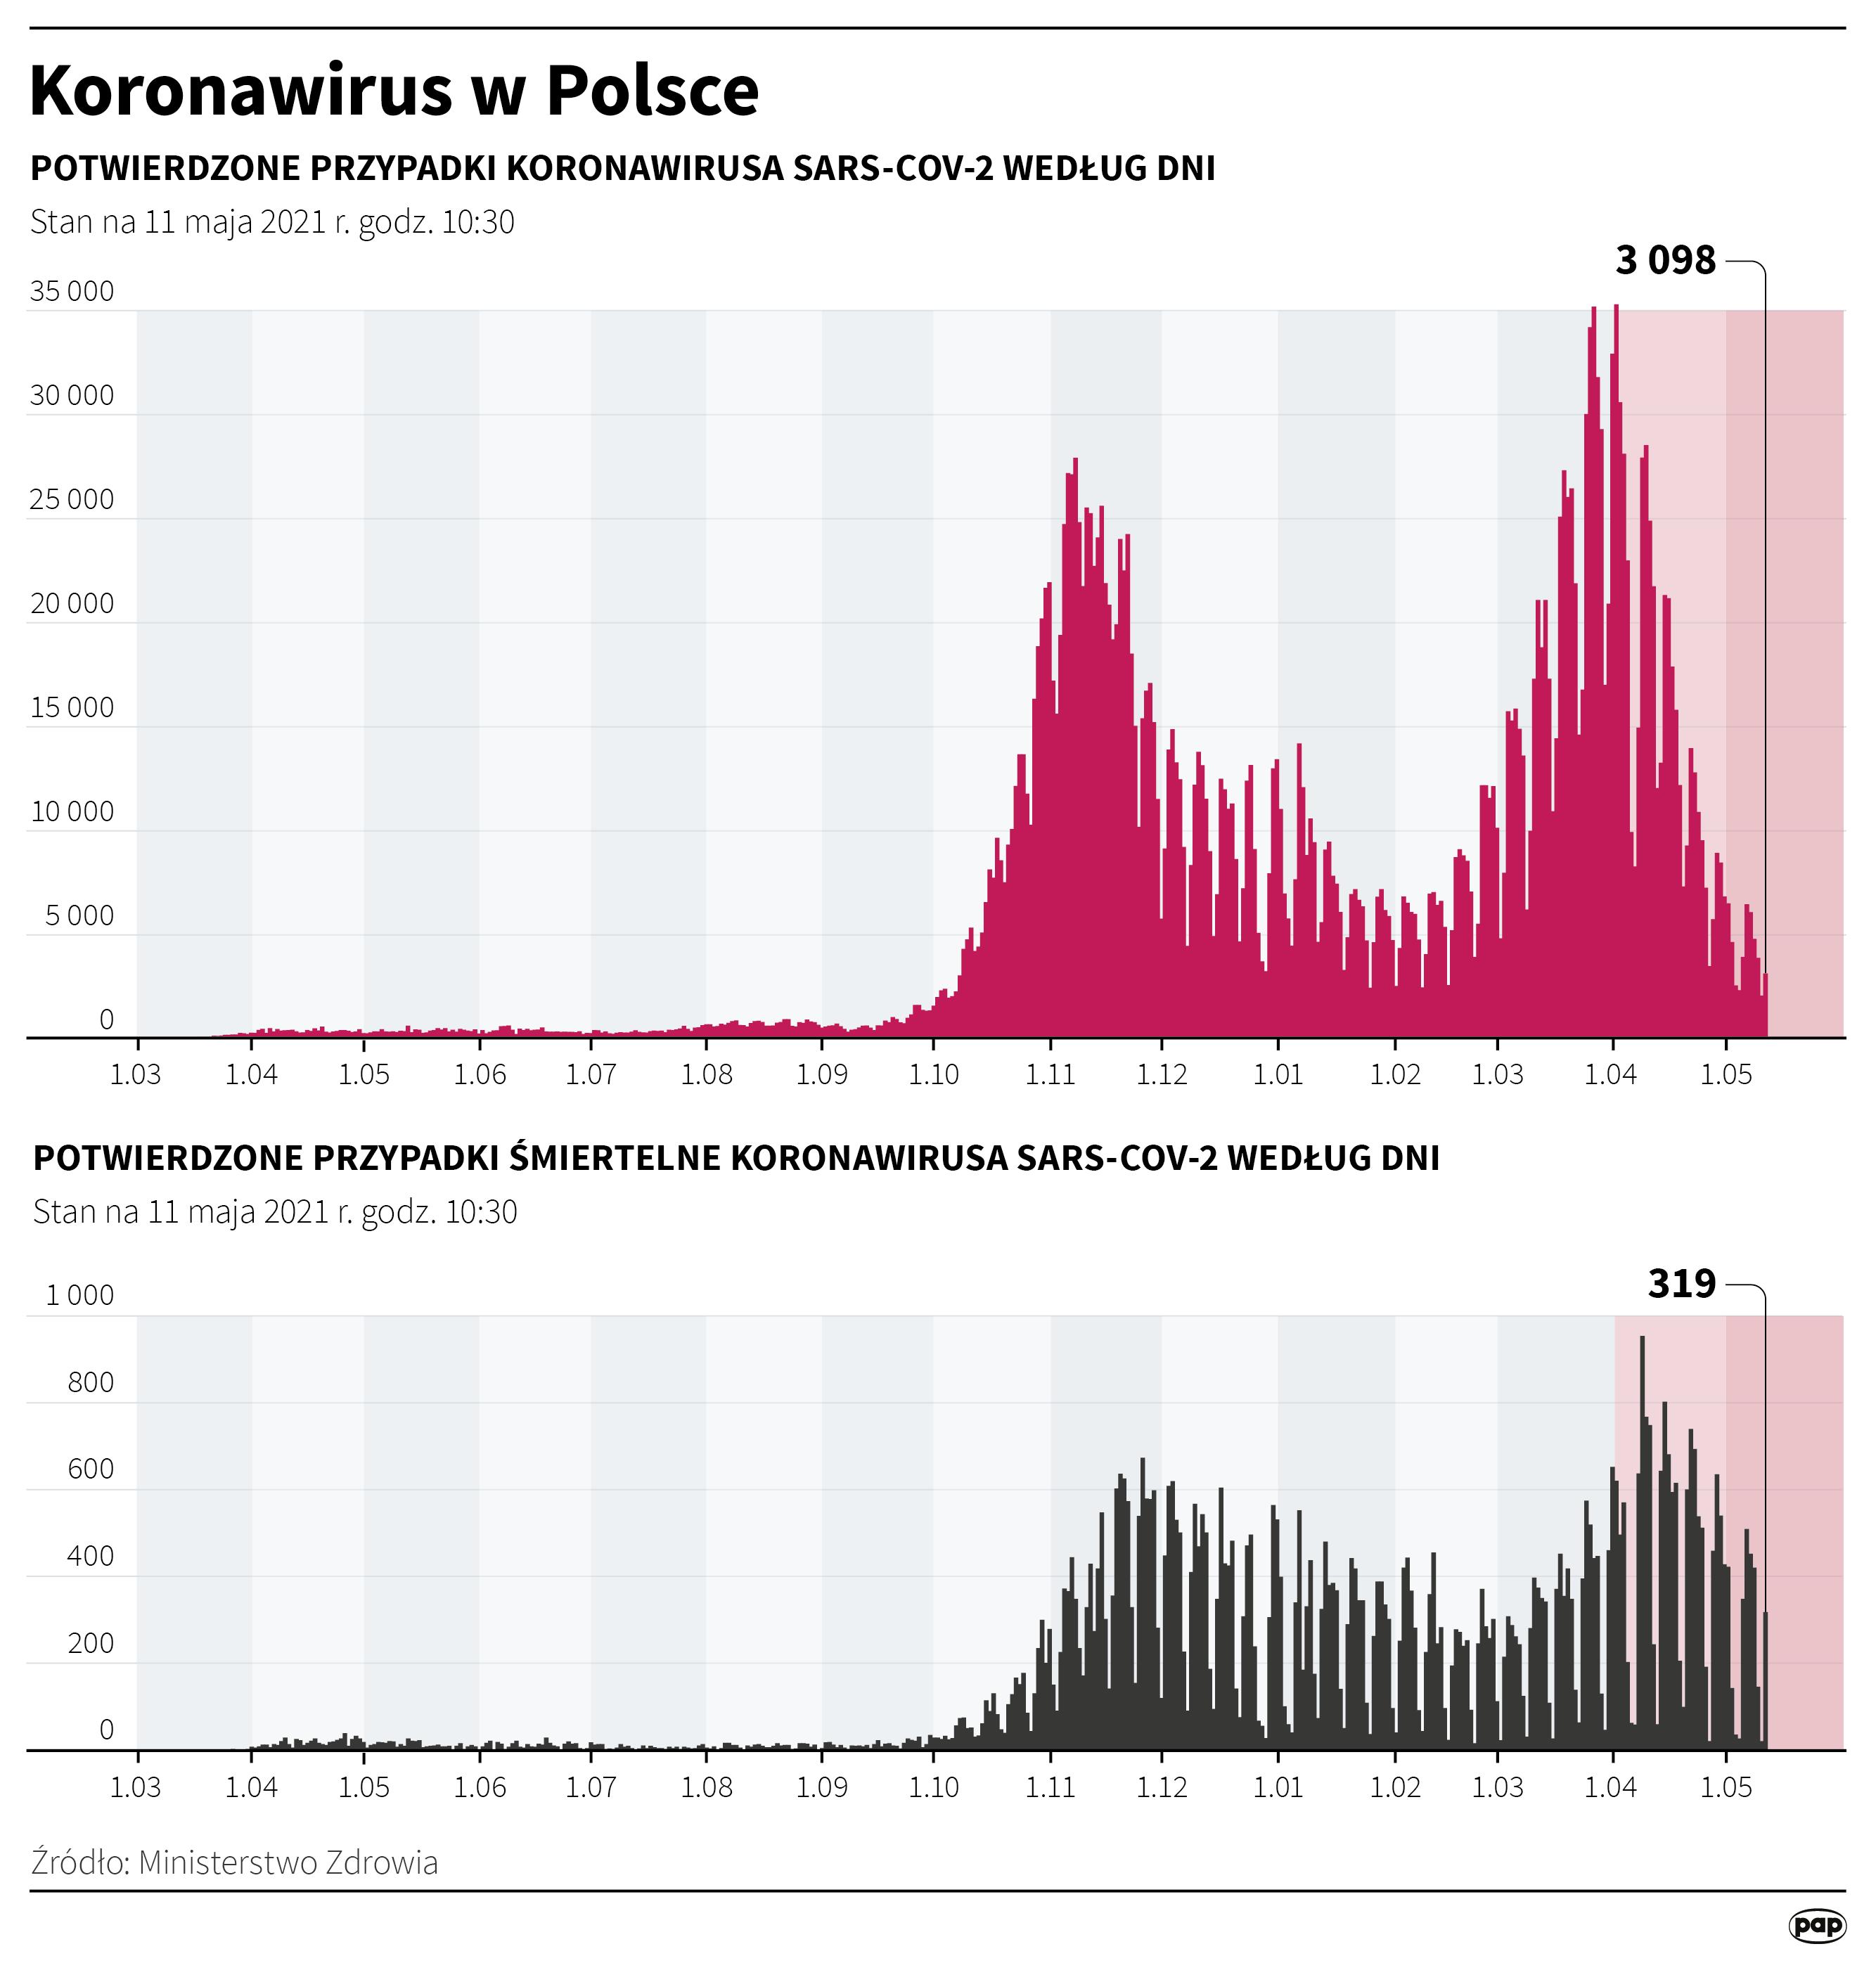 Koronawirus w Polsce stan na 11 maja [autor: Maciej Zieliński, źródło: PAP]